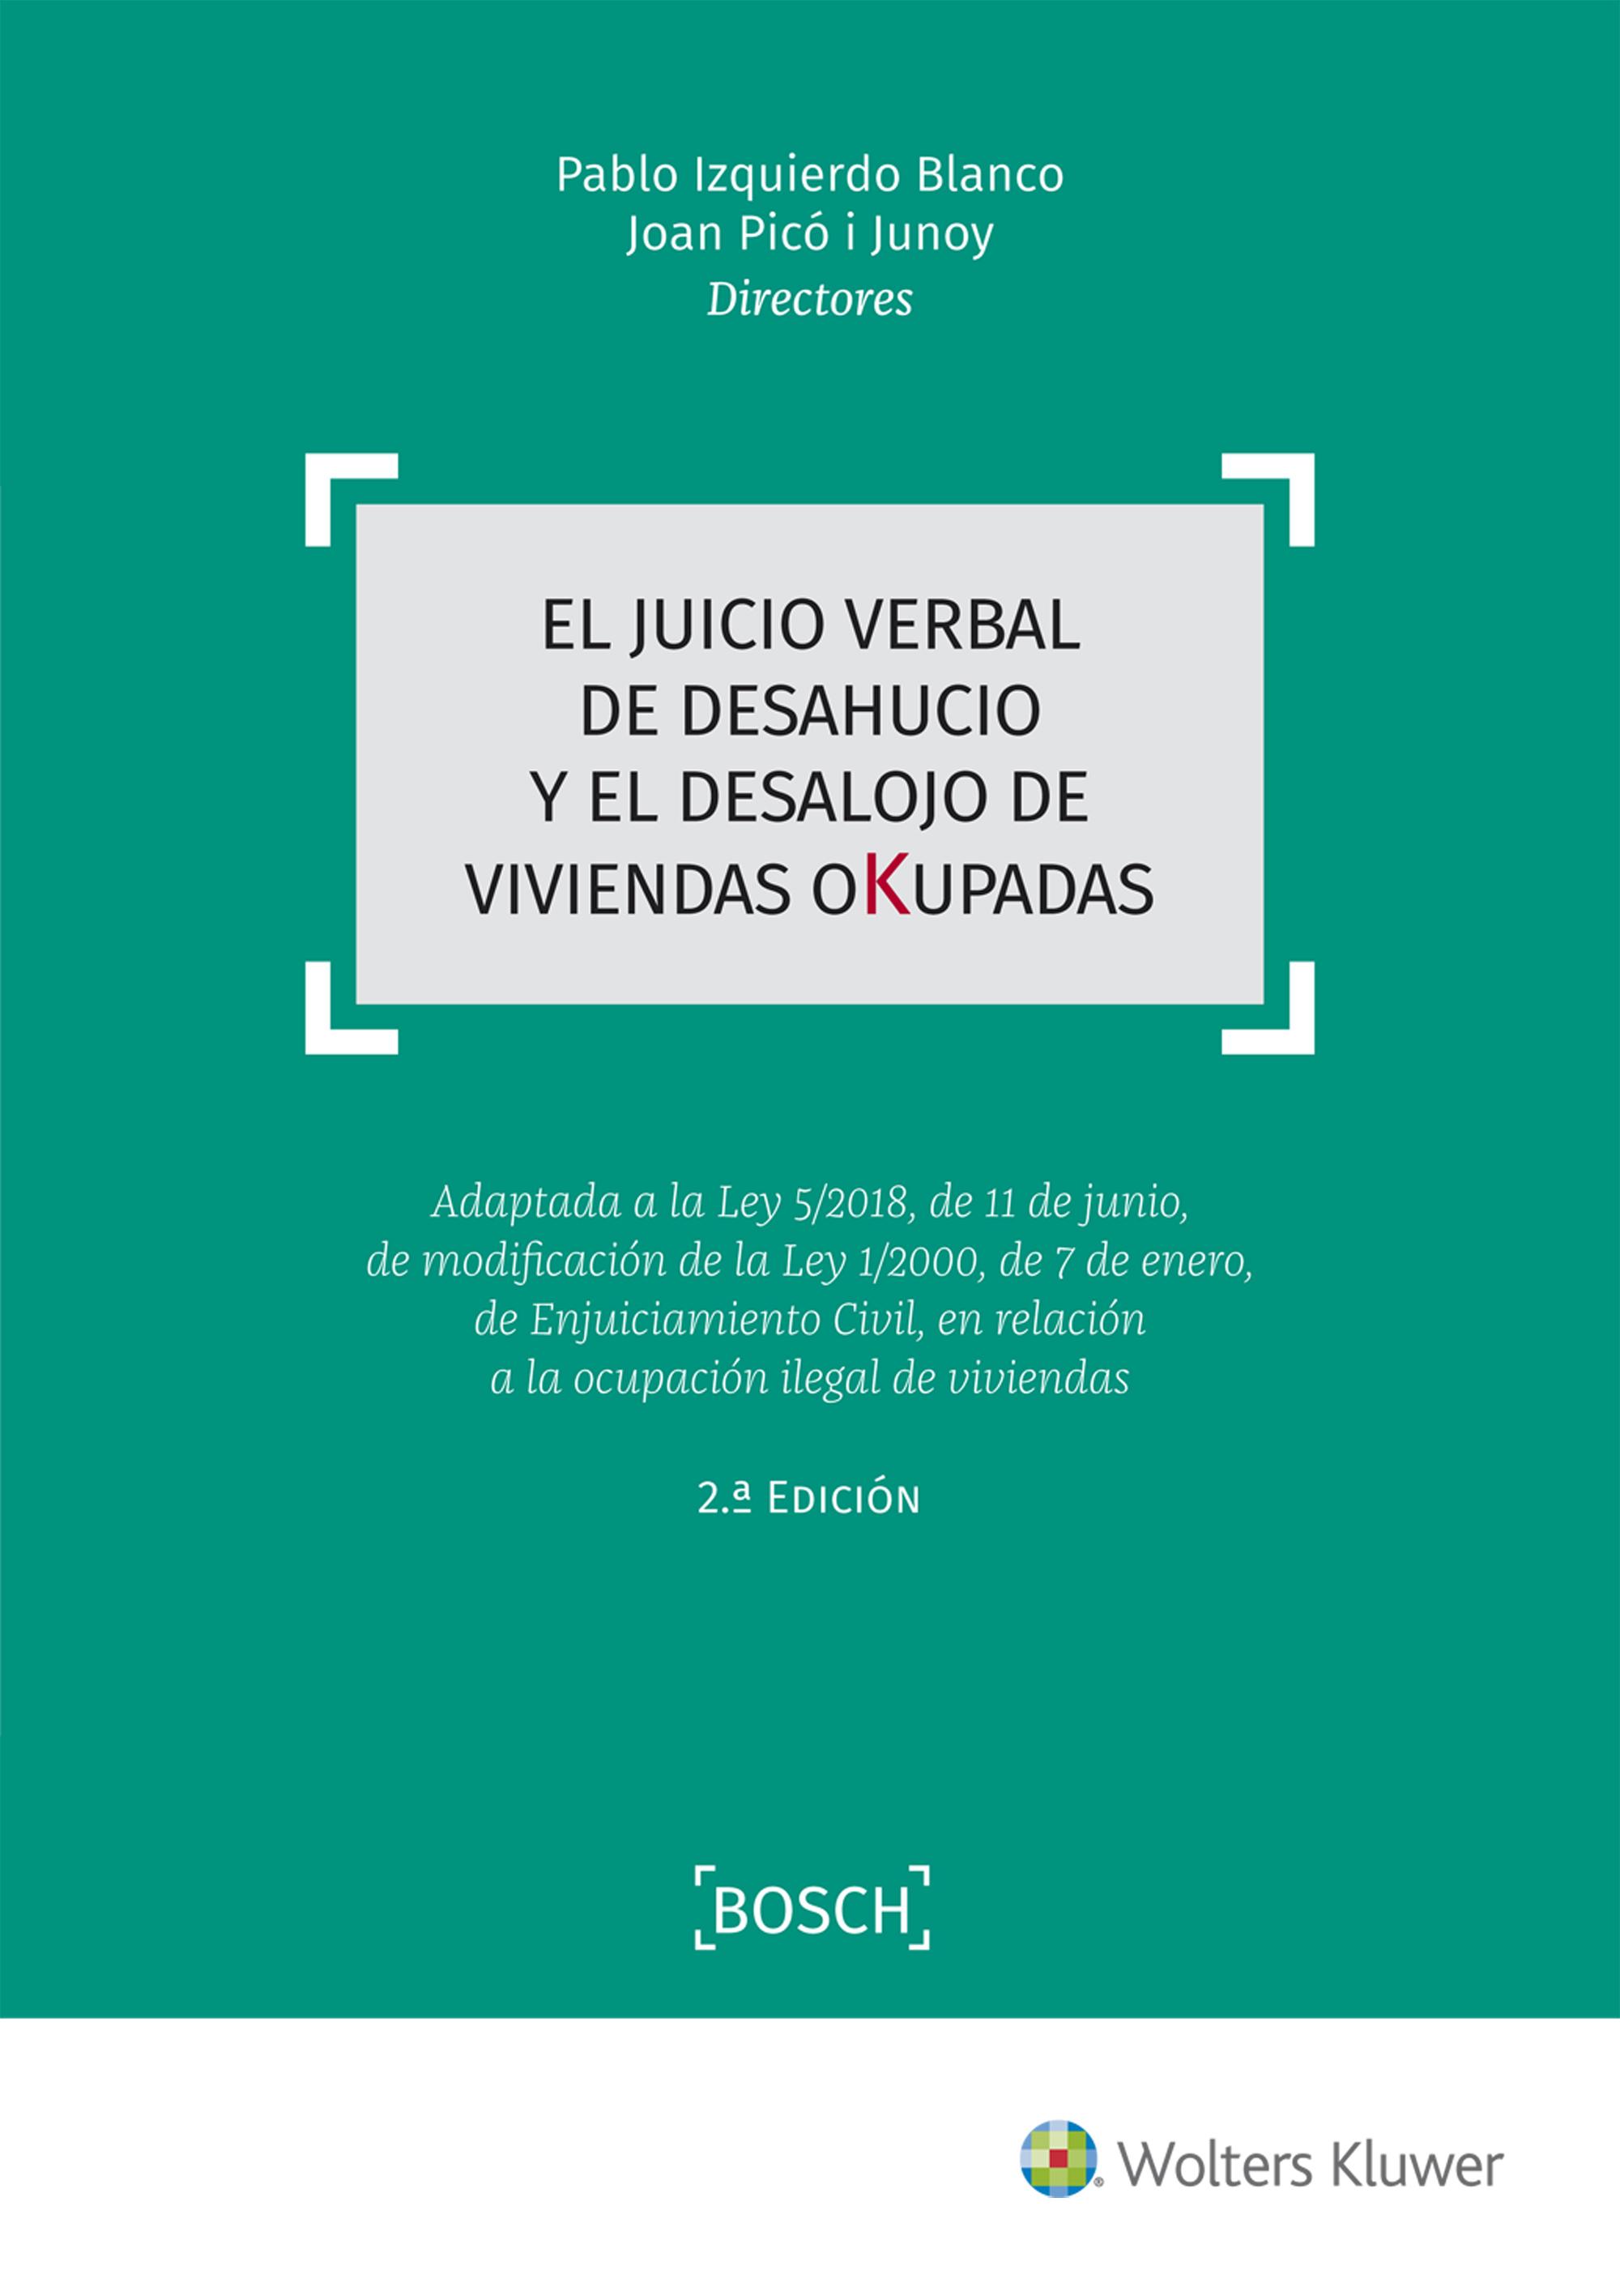 JUICIO VERBAL DE DESAHUCIO Y DESALOJO DE VIVIENDAS OKUPADAS